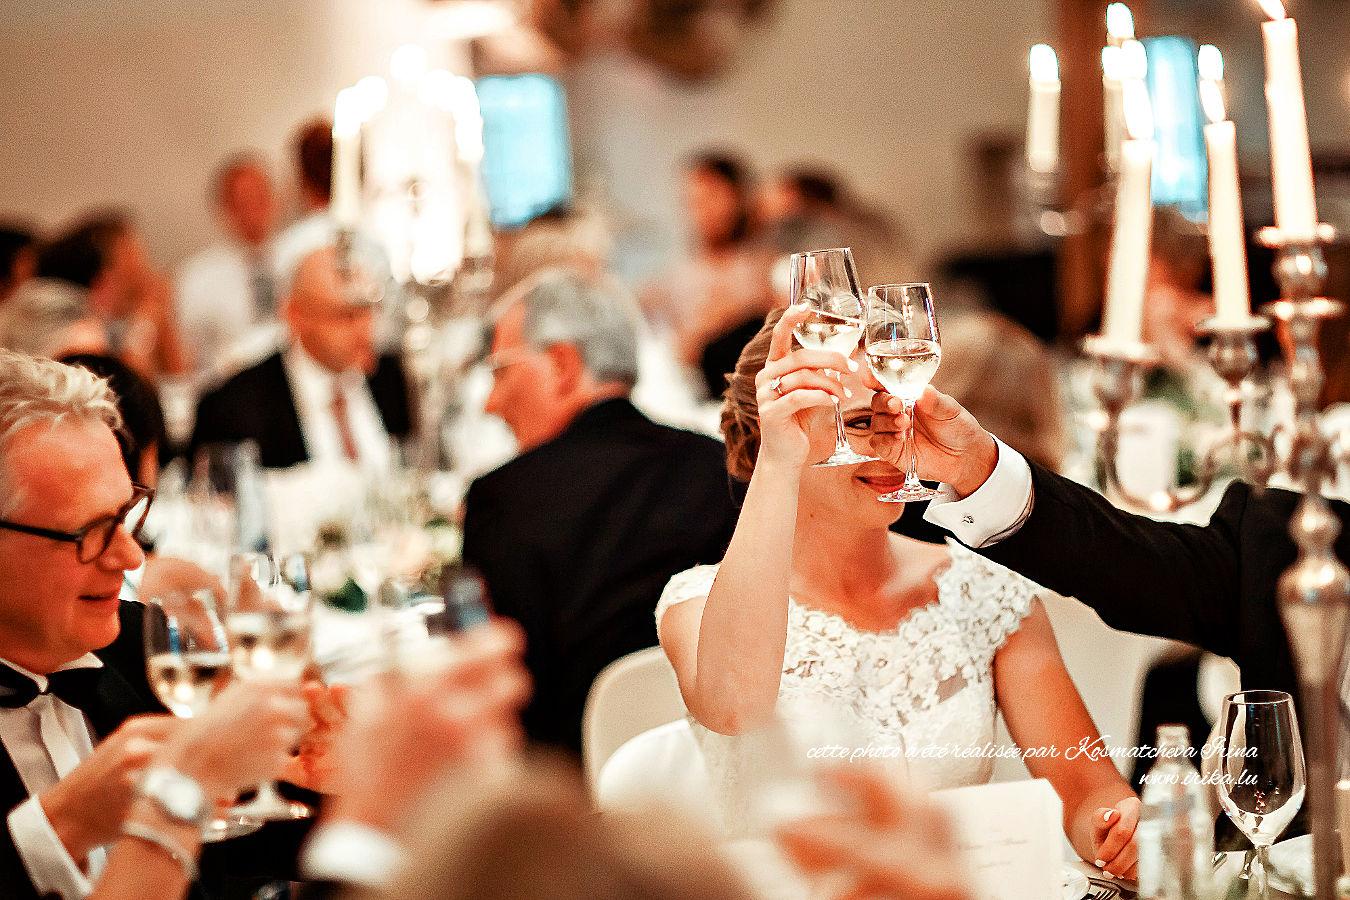 Le repas festif commence par un verre de vin blanc